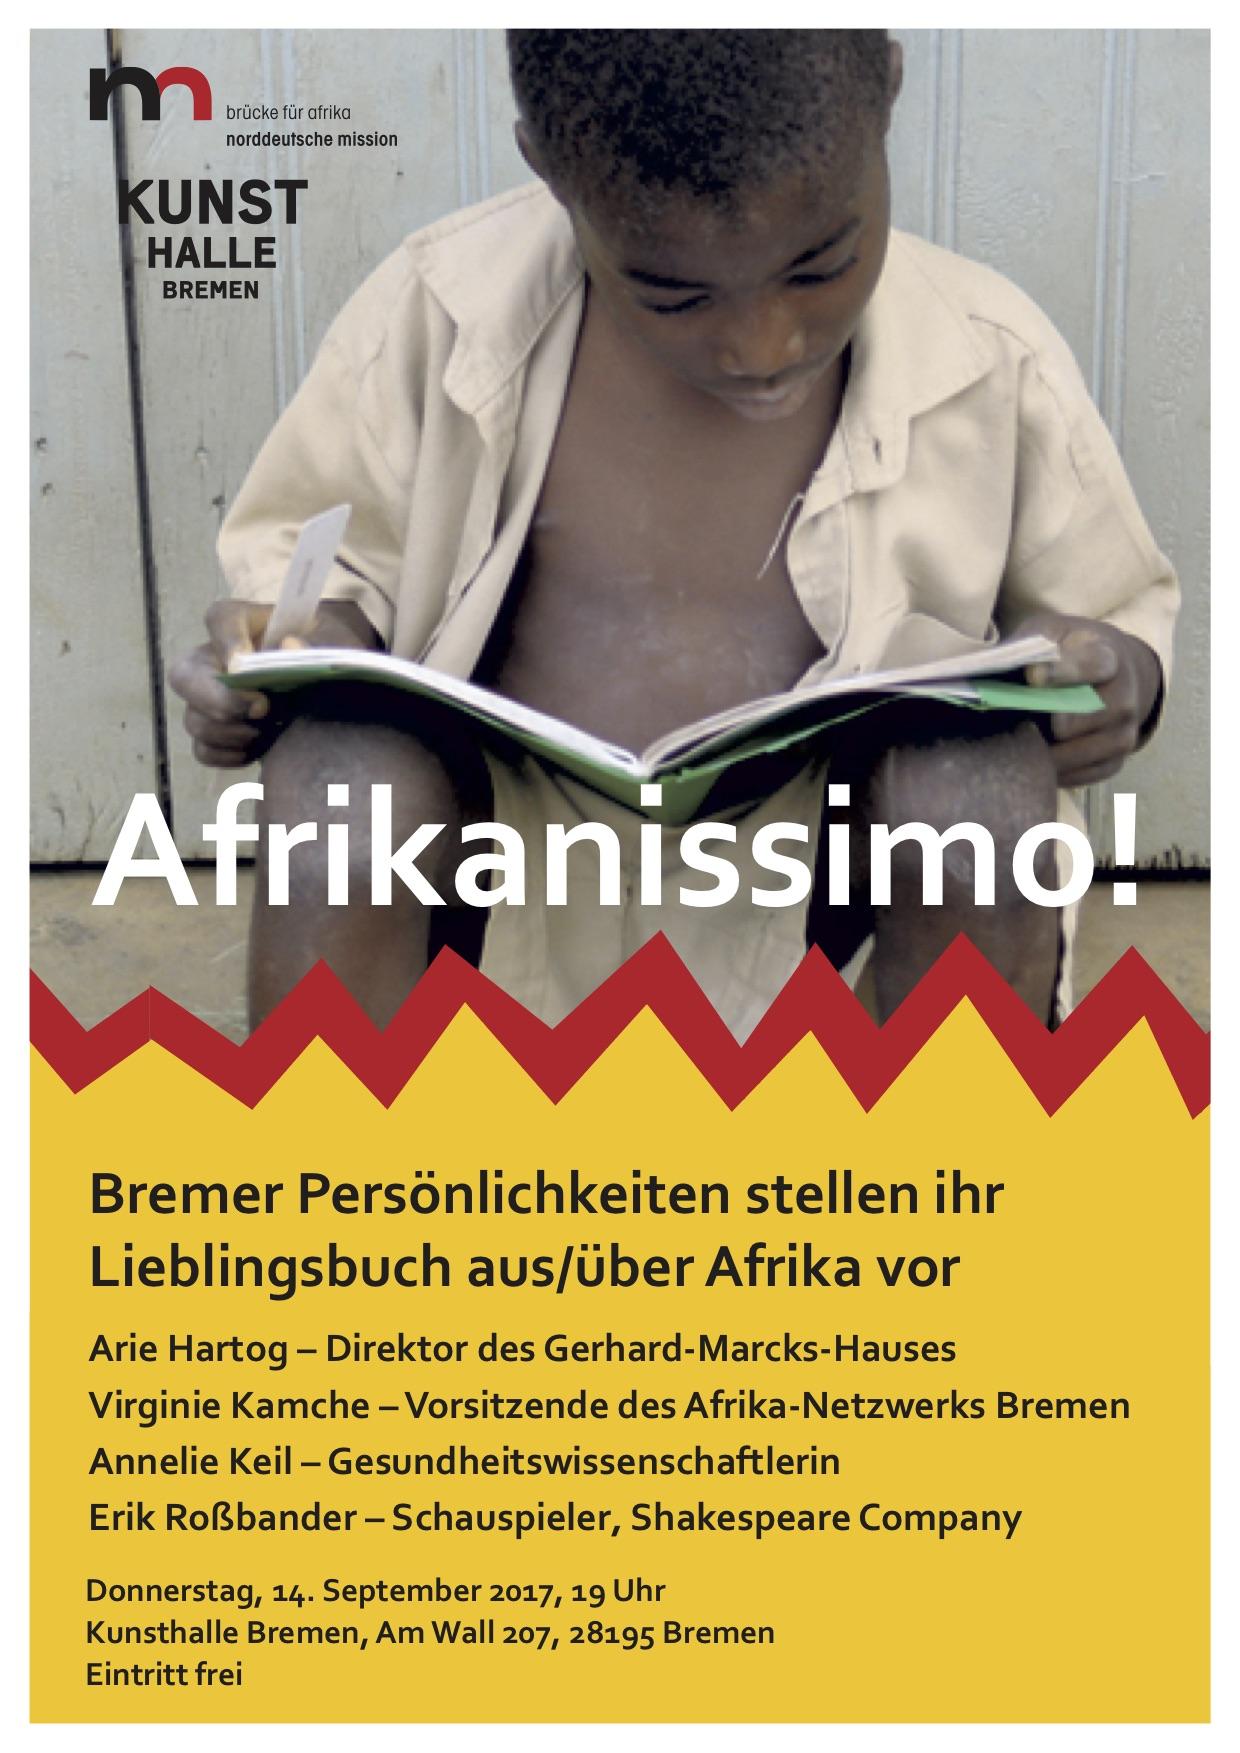 Afrikanissimo! 1